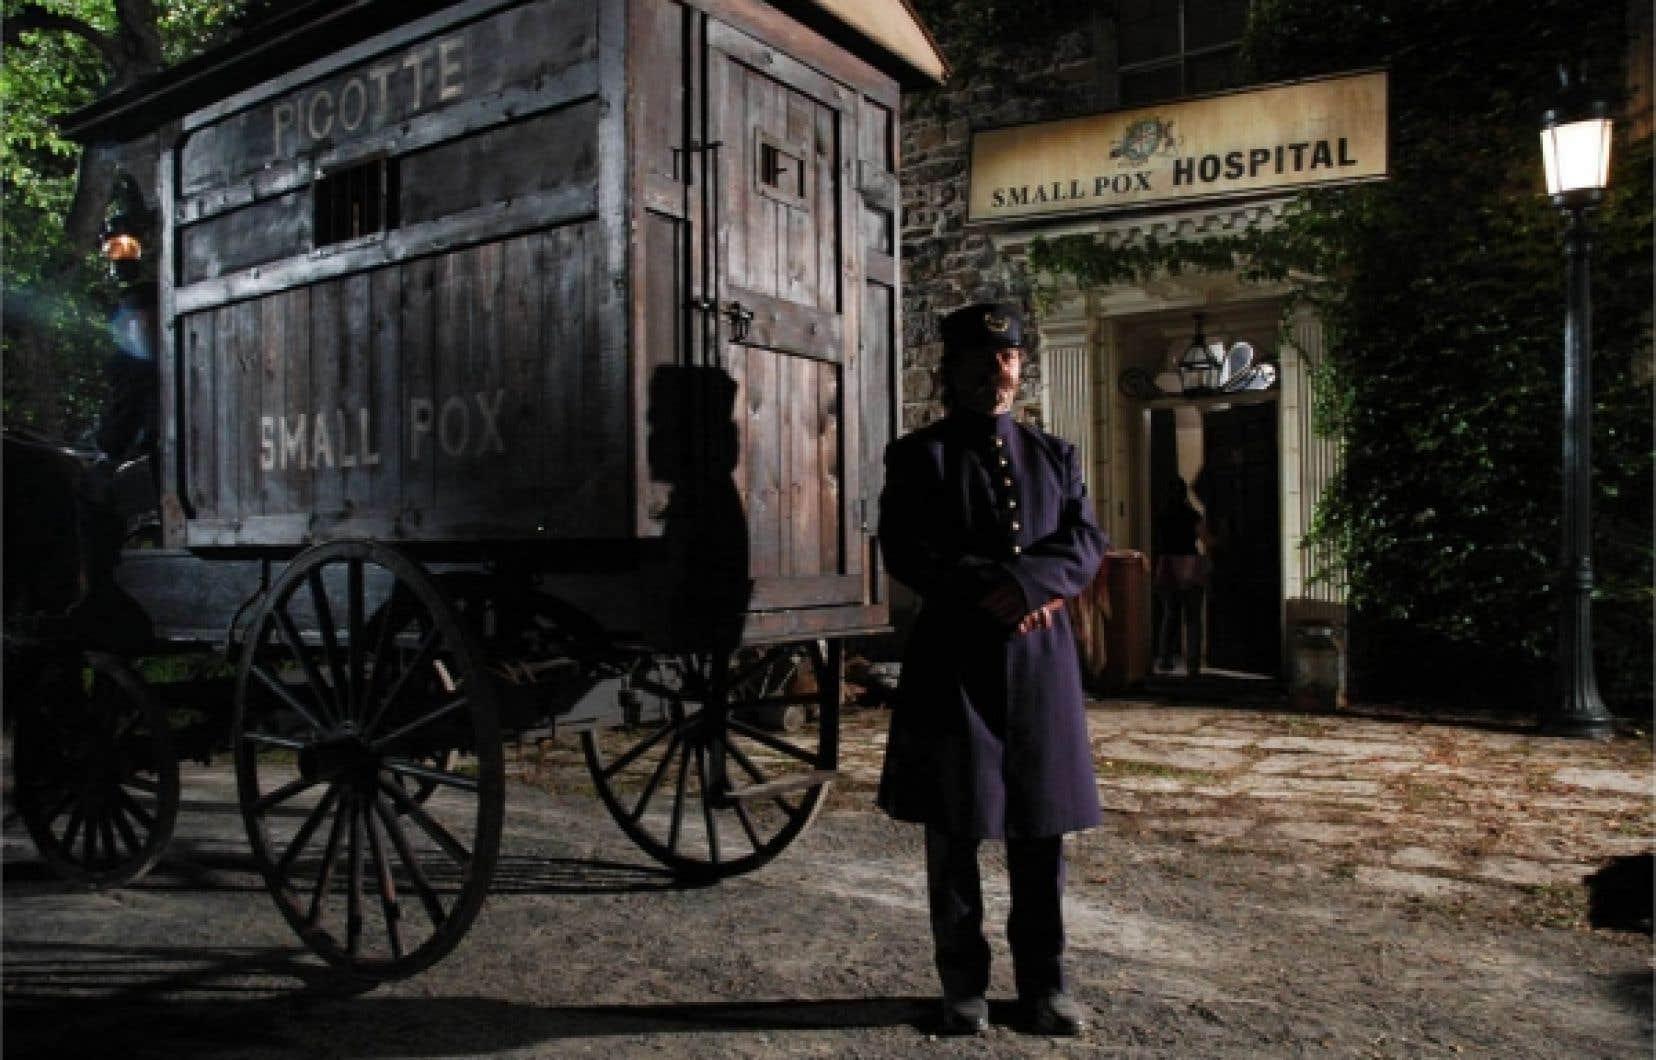 Au cours de l'épidémie de variole qui a frappé Montréal en 1885, une charrette sillonnait les rues de la ville. On y embarquait les enfants infectés, le plus souvent des francophones des quartiers défavorisés, afin de les mettre en quarantaine.